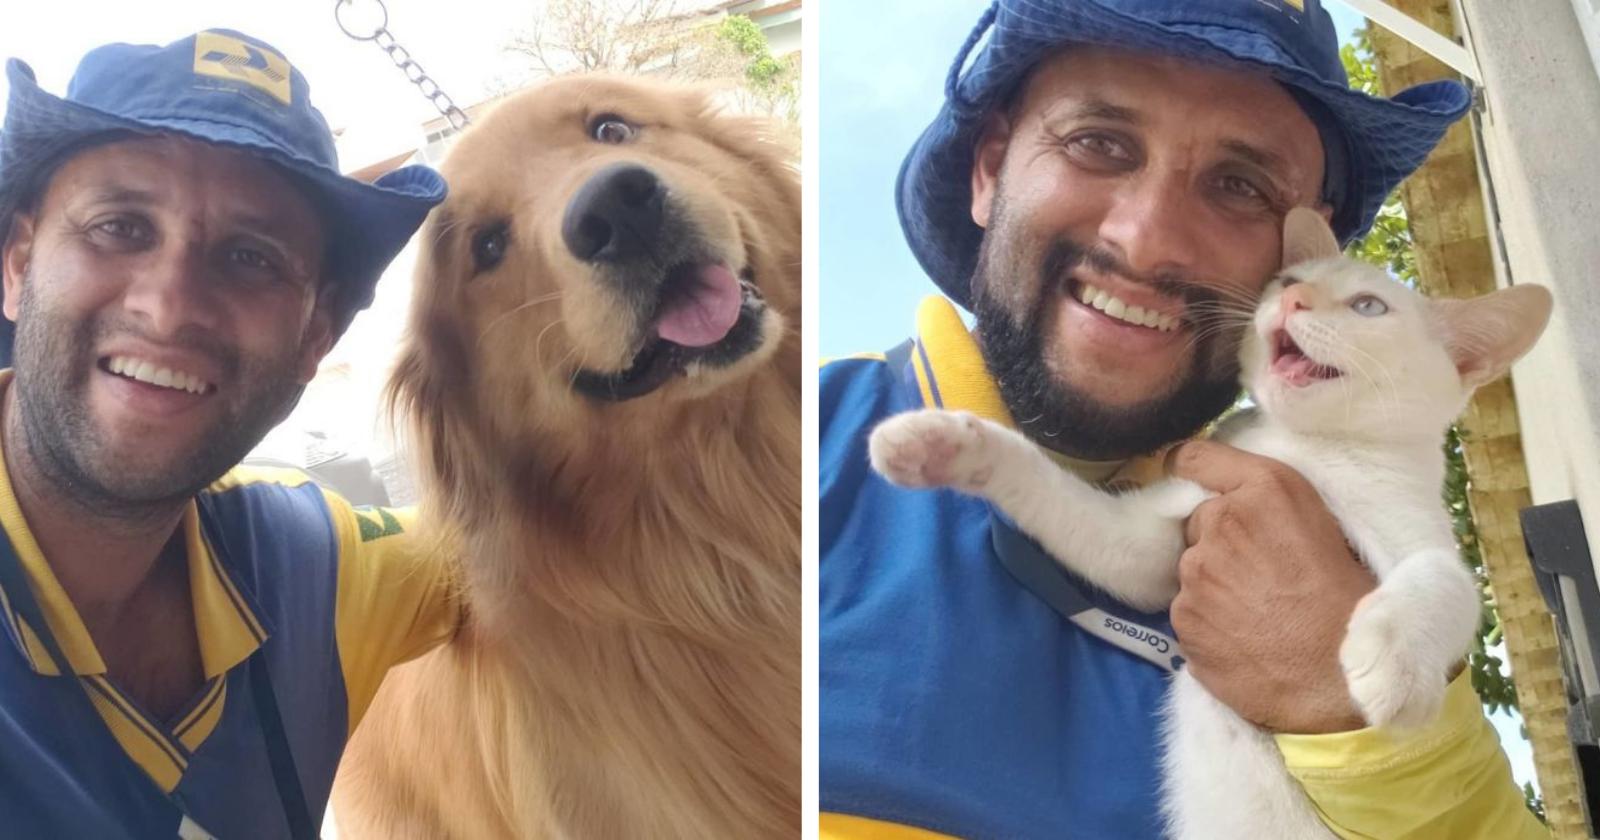 Carteiro 'Amigo dos Animais' viraliza ao tirar selfies com os pets que encontra no trabalho